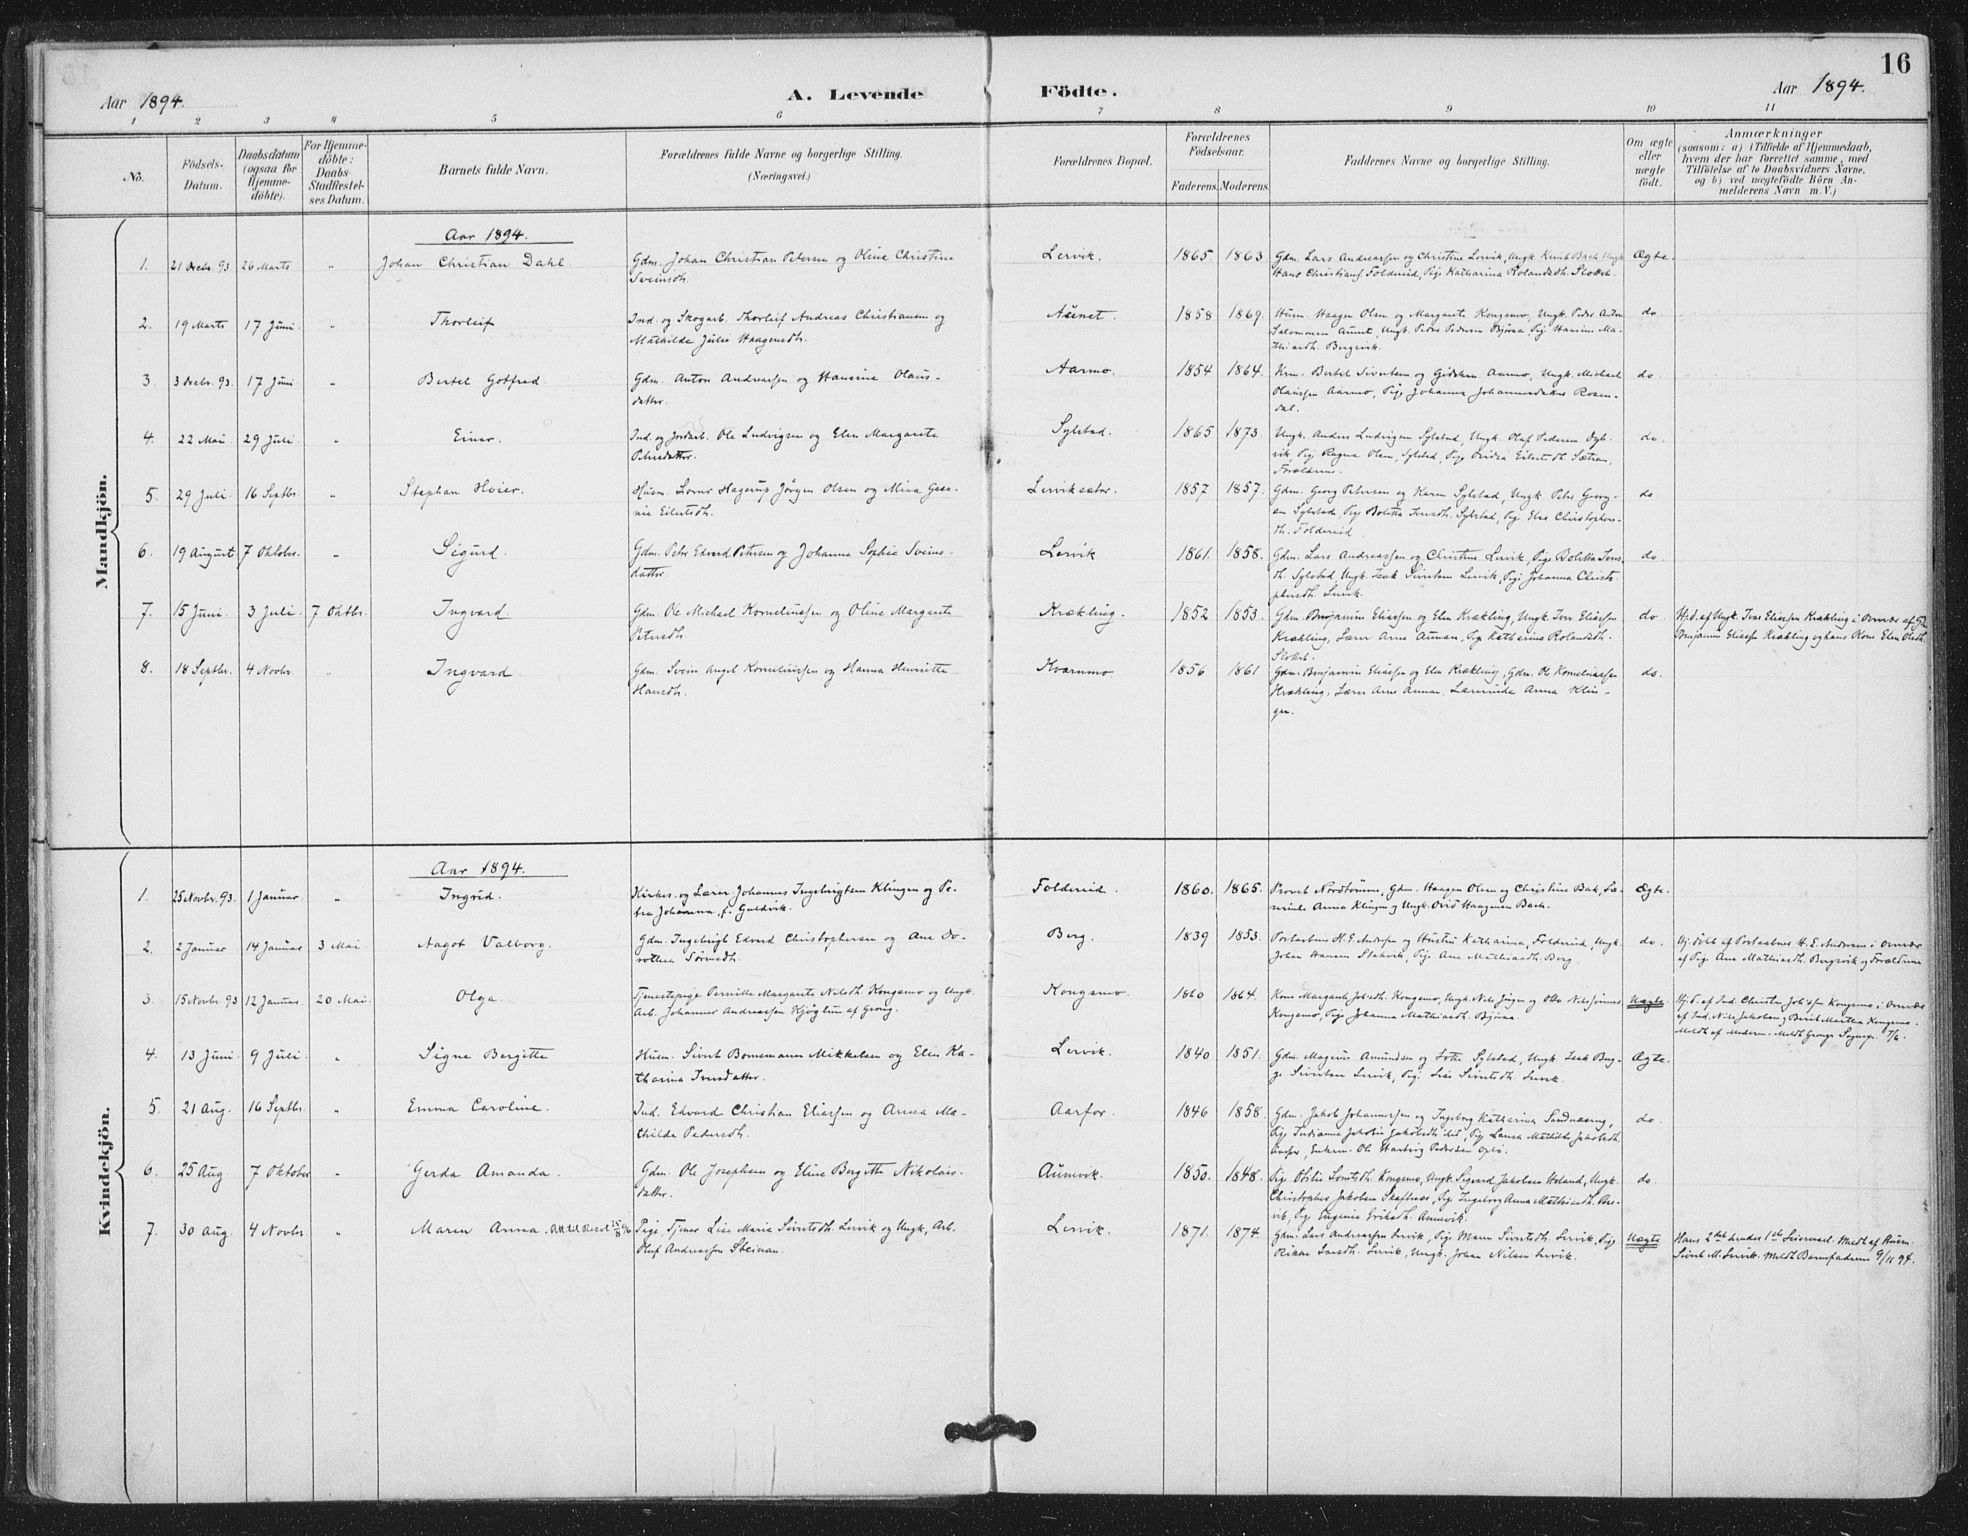 SAT, Ministerialprotokoller, klokkerbøker og fødselsregistre - Nord-Trøndelag, 783/L0660: Ministerialbok nr. 783A02, 1886-1918, s. 16